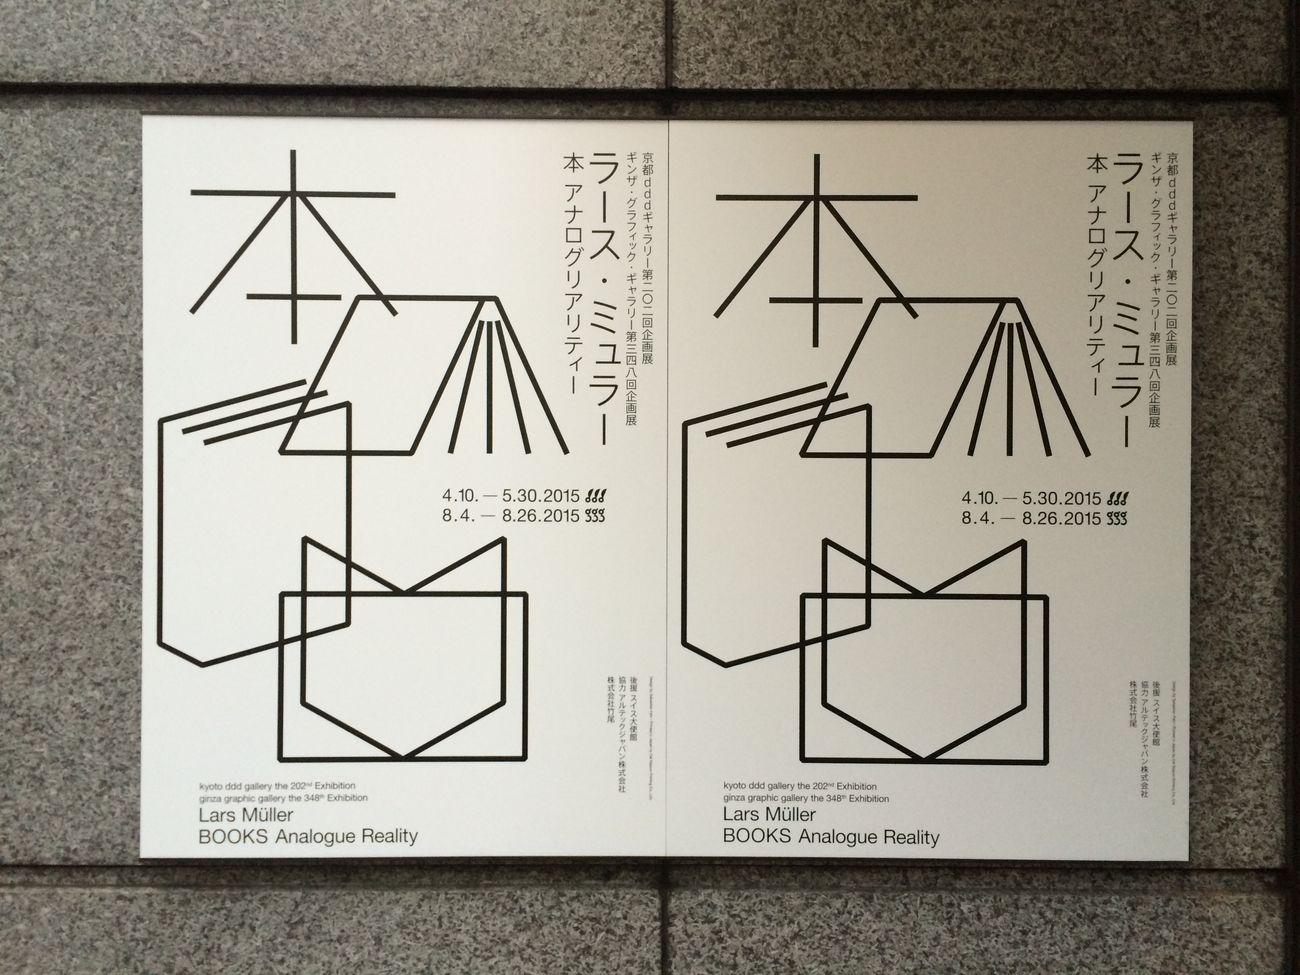 ラース・ミュラー:本 アナログリアリティー展を見てきました。- スケッチは自分に最も近い他者である - Sou Fujimoto, Sketchbook